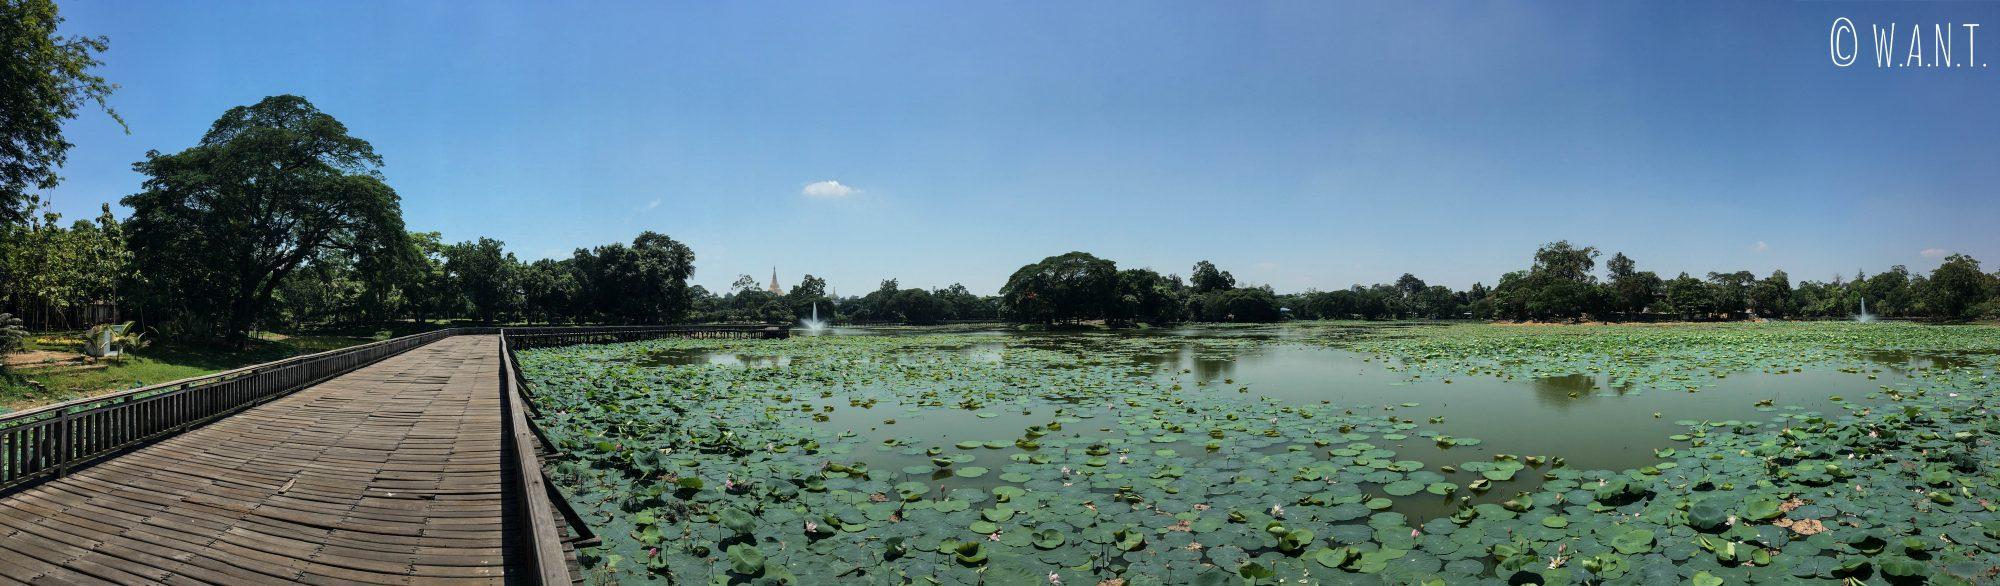 Le parc Bogyoke, un écrin de verdure au coeur de Yangon